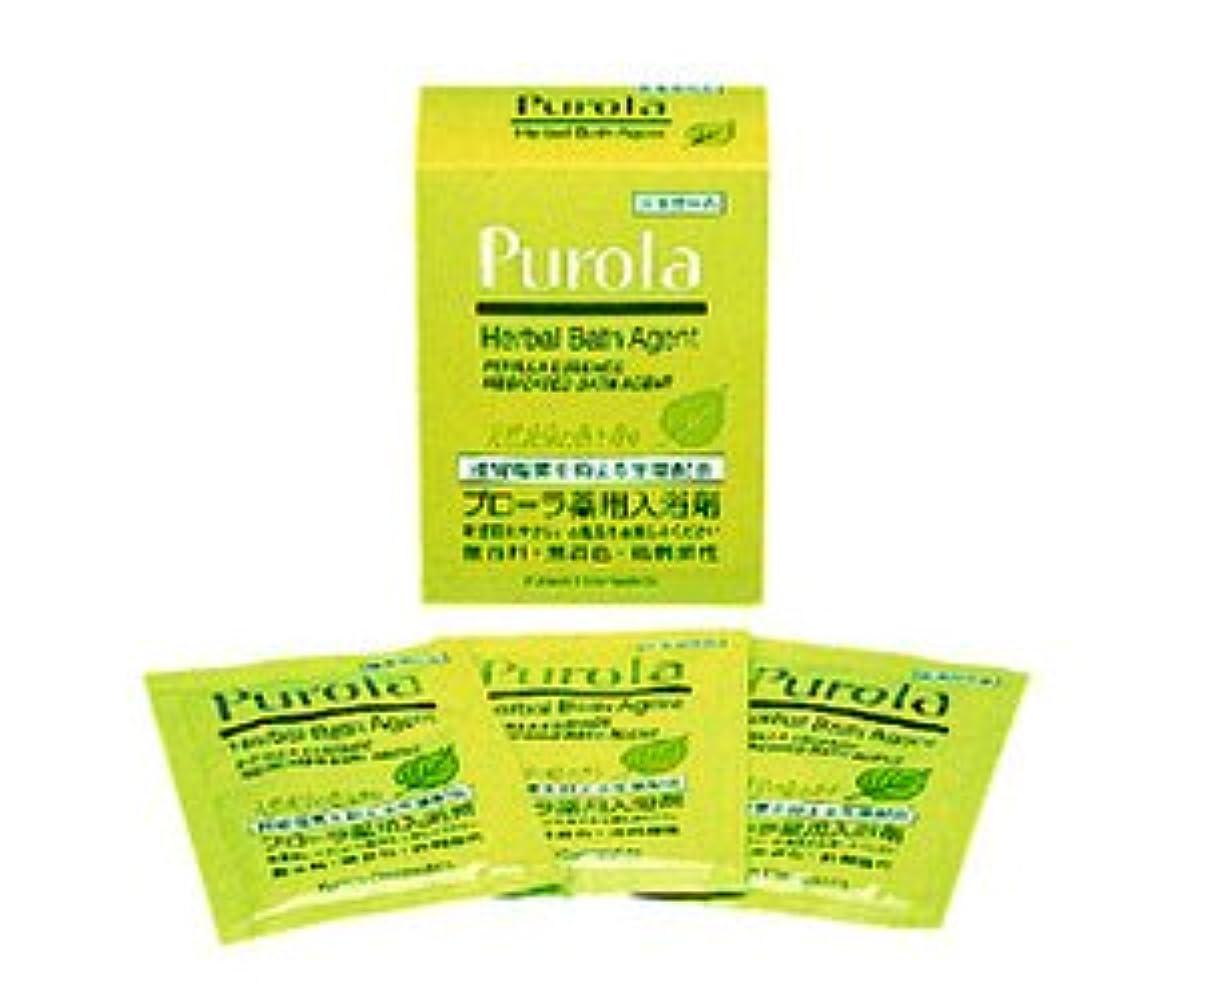 安全性影響ビジョンプローラ薬用入浴剤 25g×10包 低刺激性入浴剤